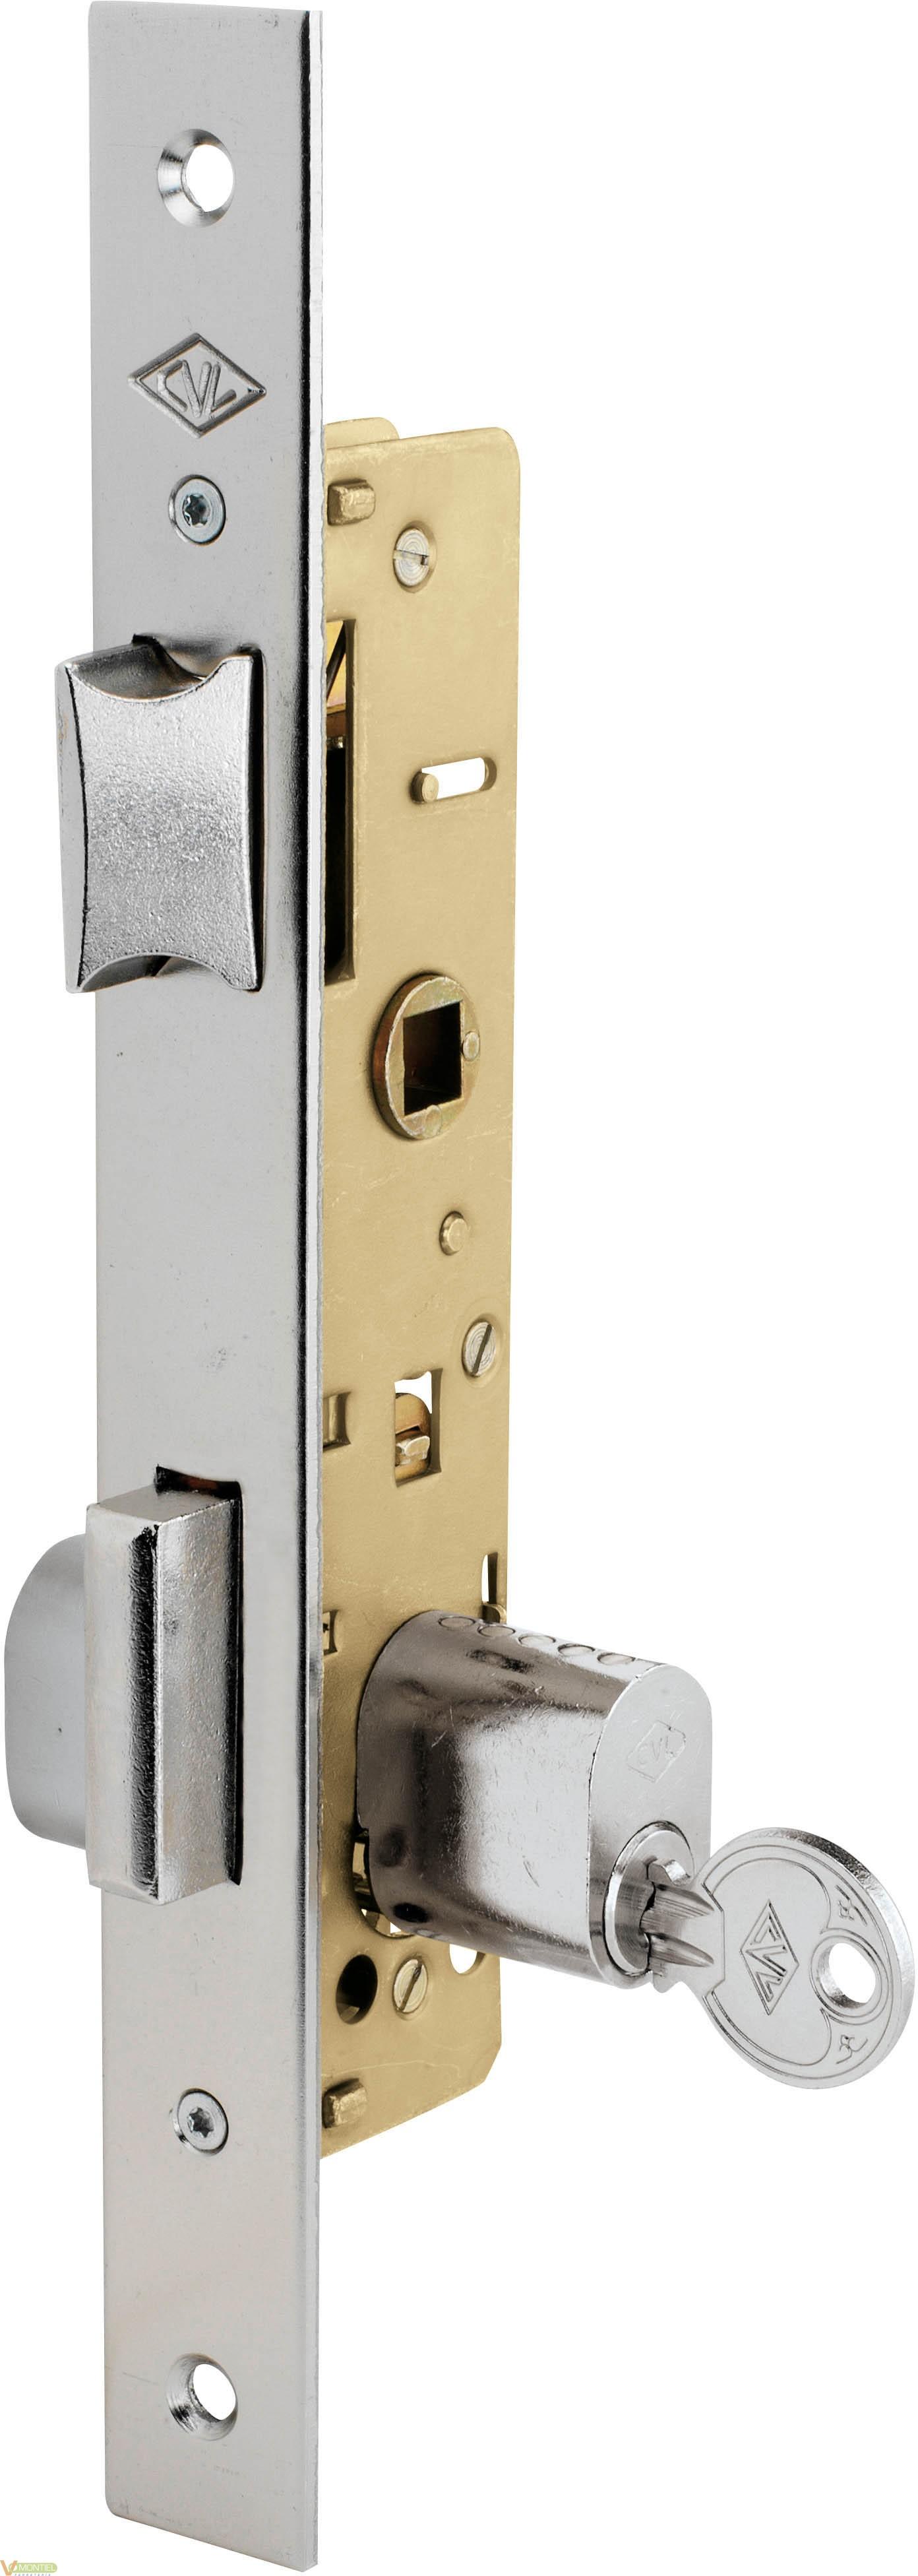 Cerradura rod/pal 24x20mm 1964-0